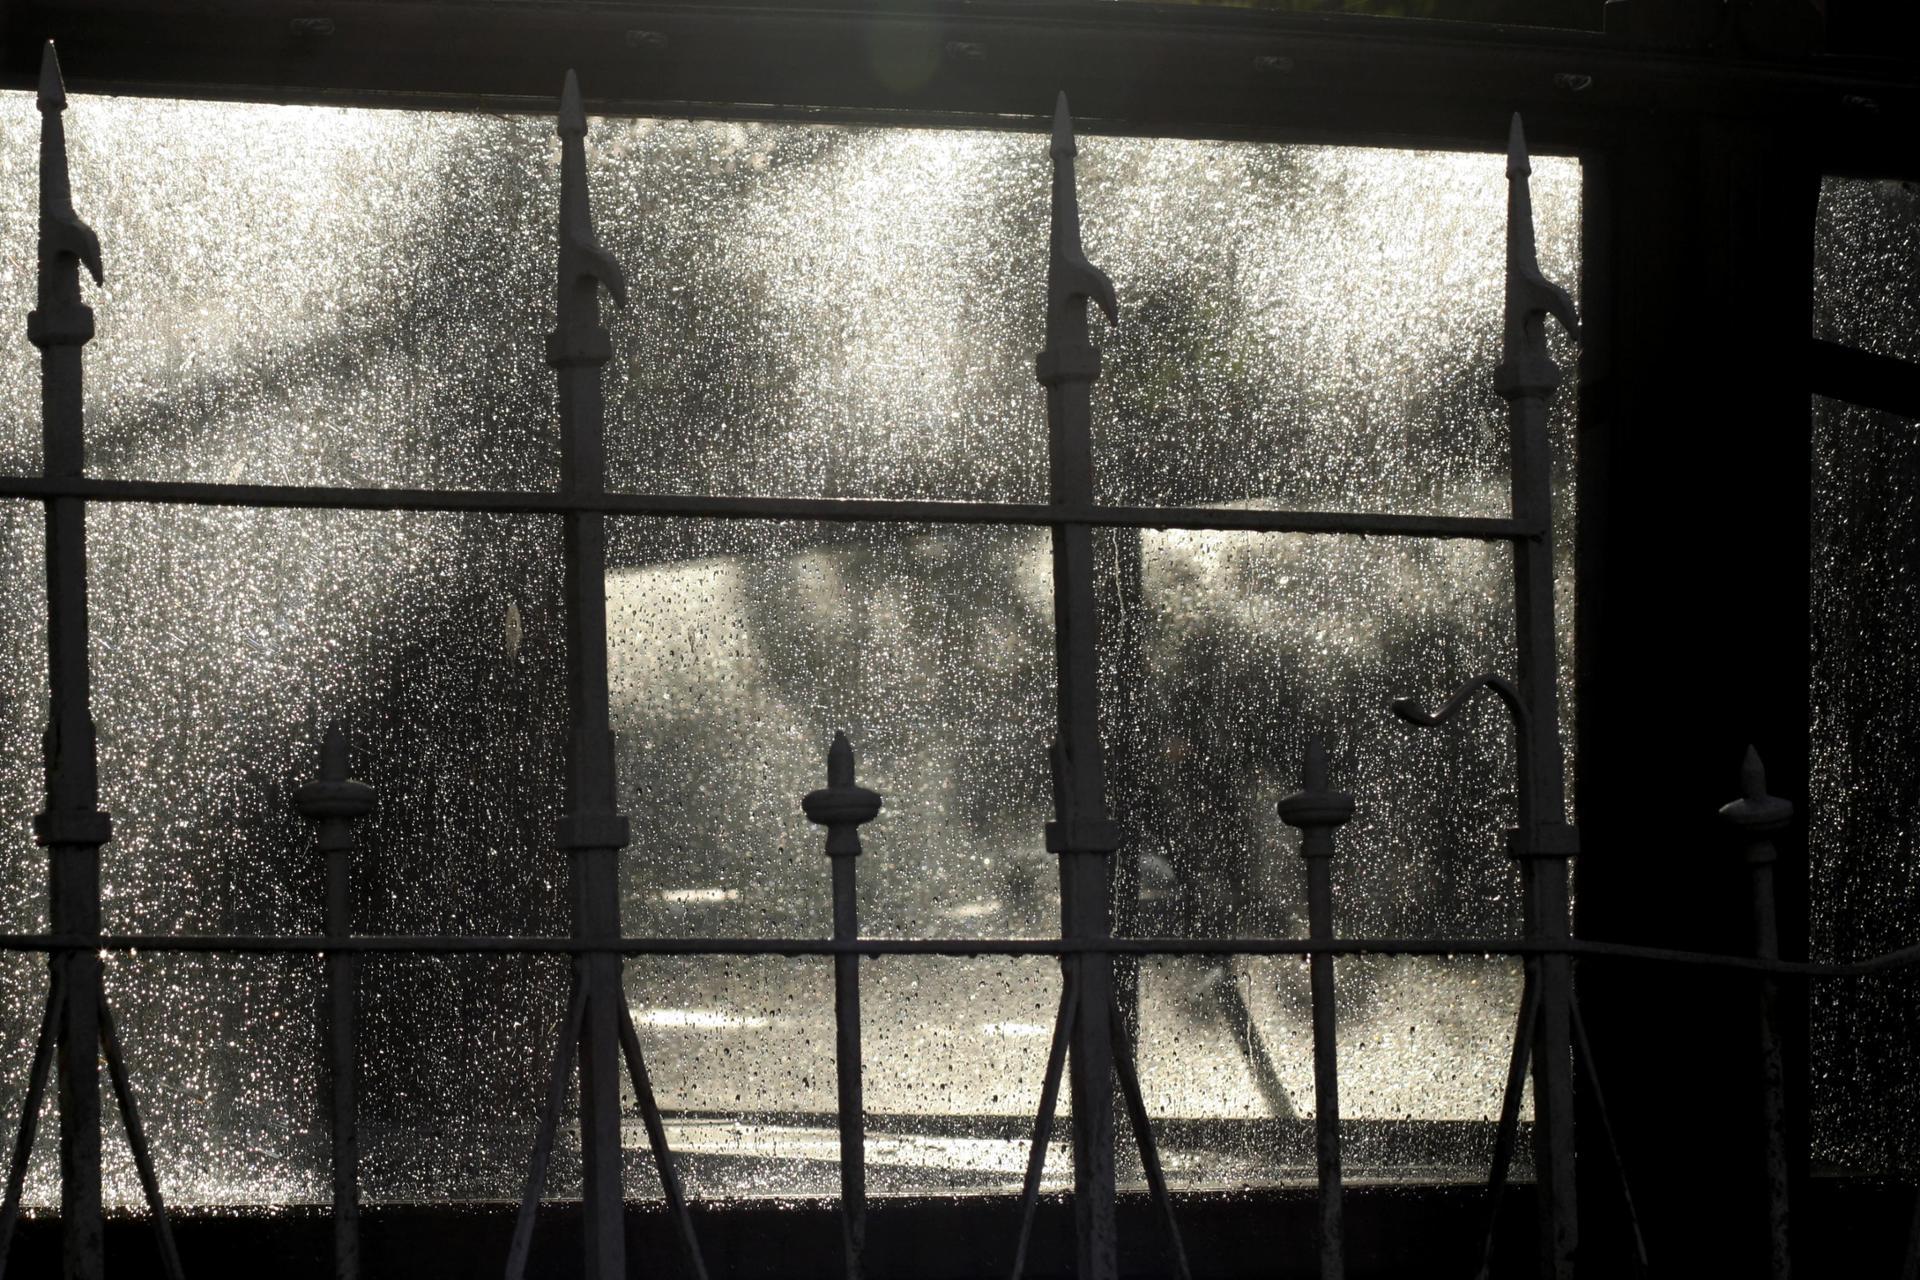 la pluie derrière la grille